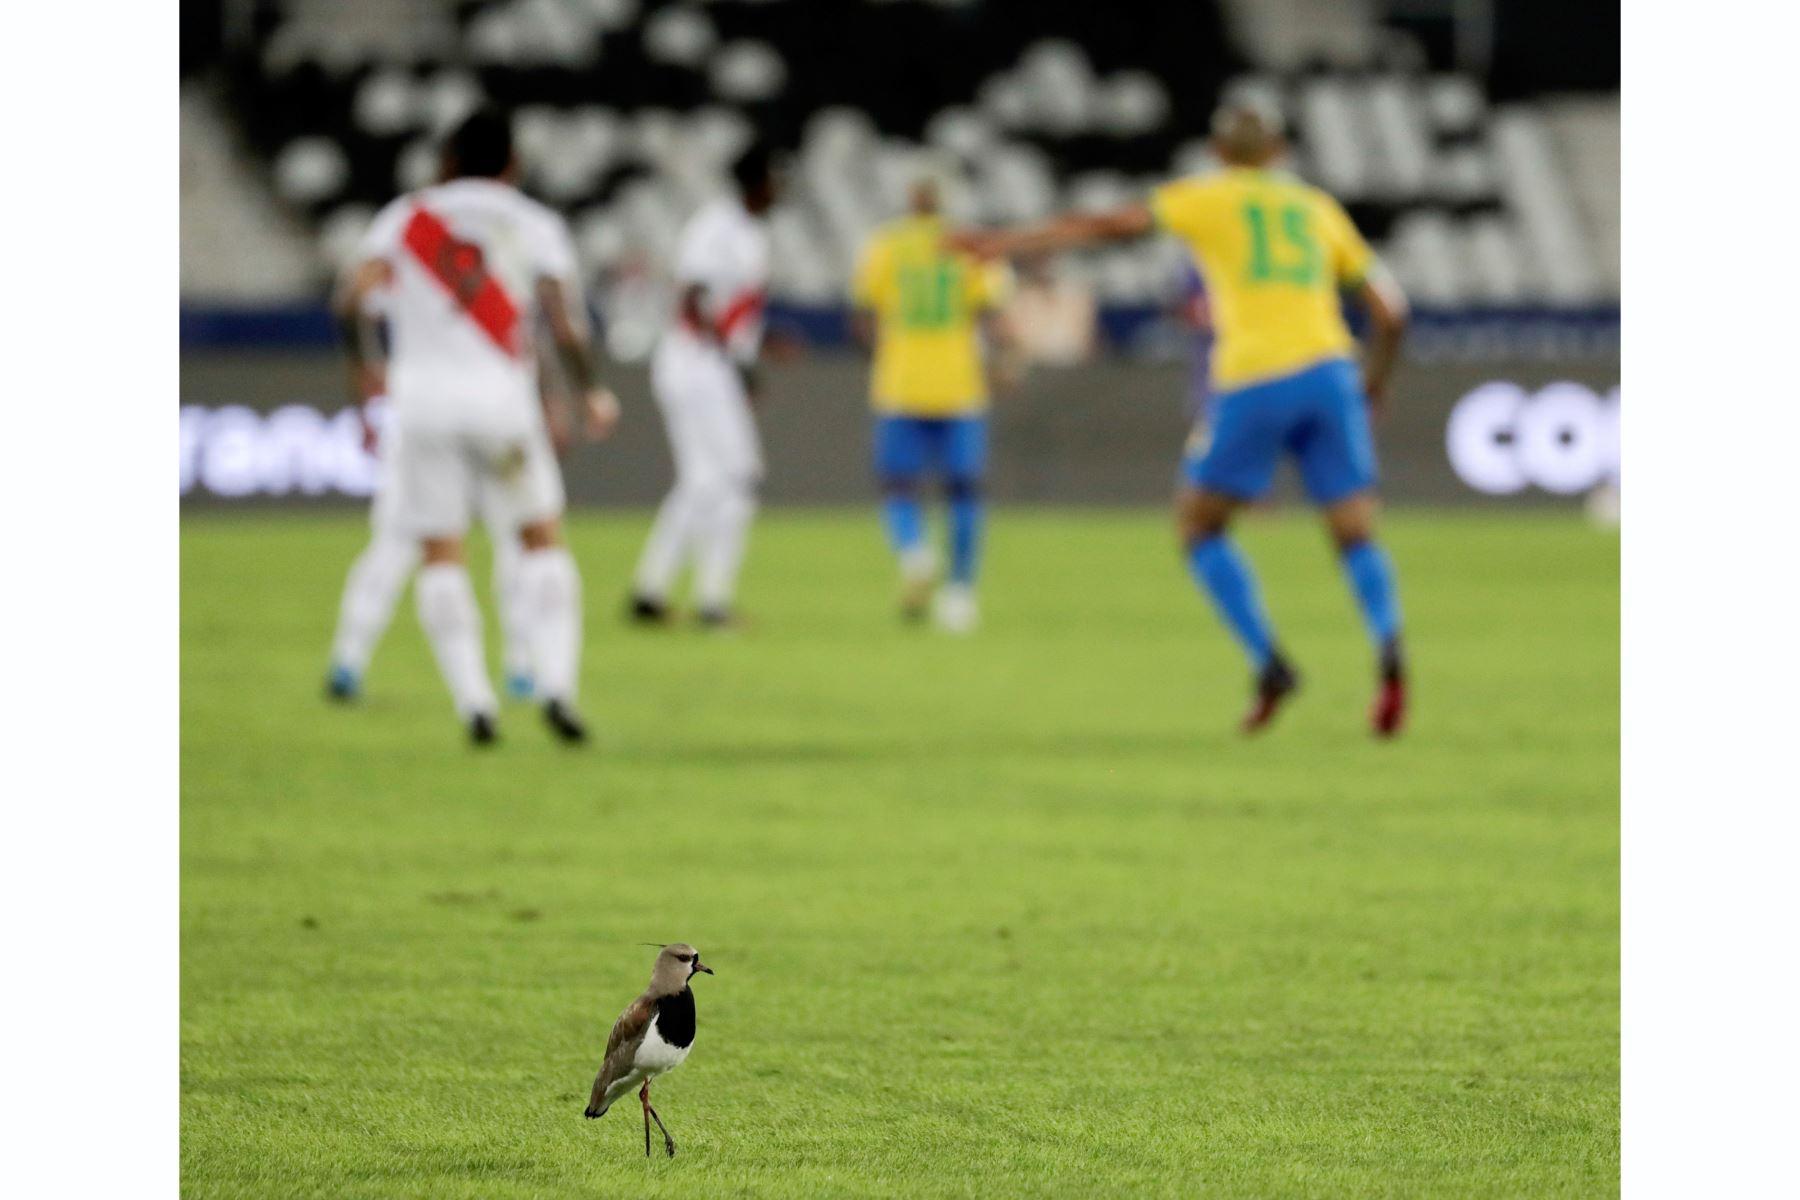 Un ave se posa sobre la cancha durante un partido entre Brasil y Perú por el grupo B de la Copa América, en el Estadio Olímpico Nilton Santos en Río de Janeiro, Brasil. Foto: EFE